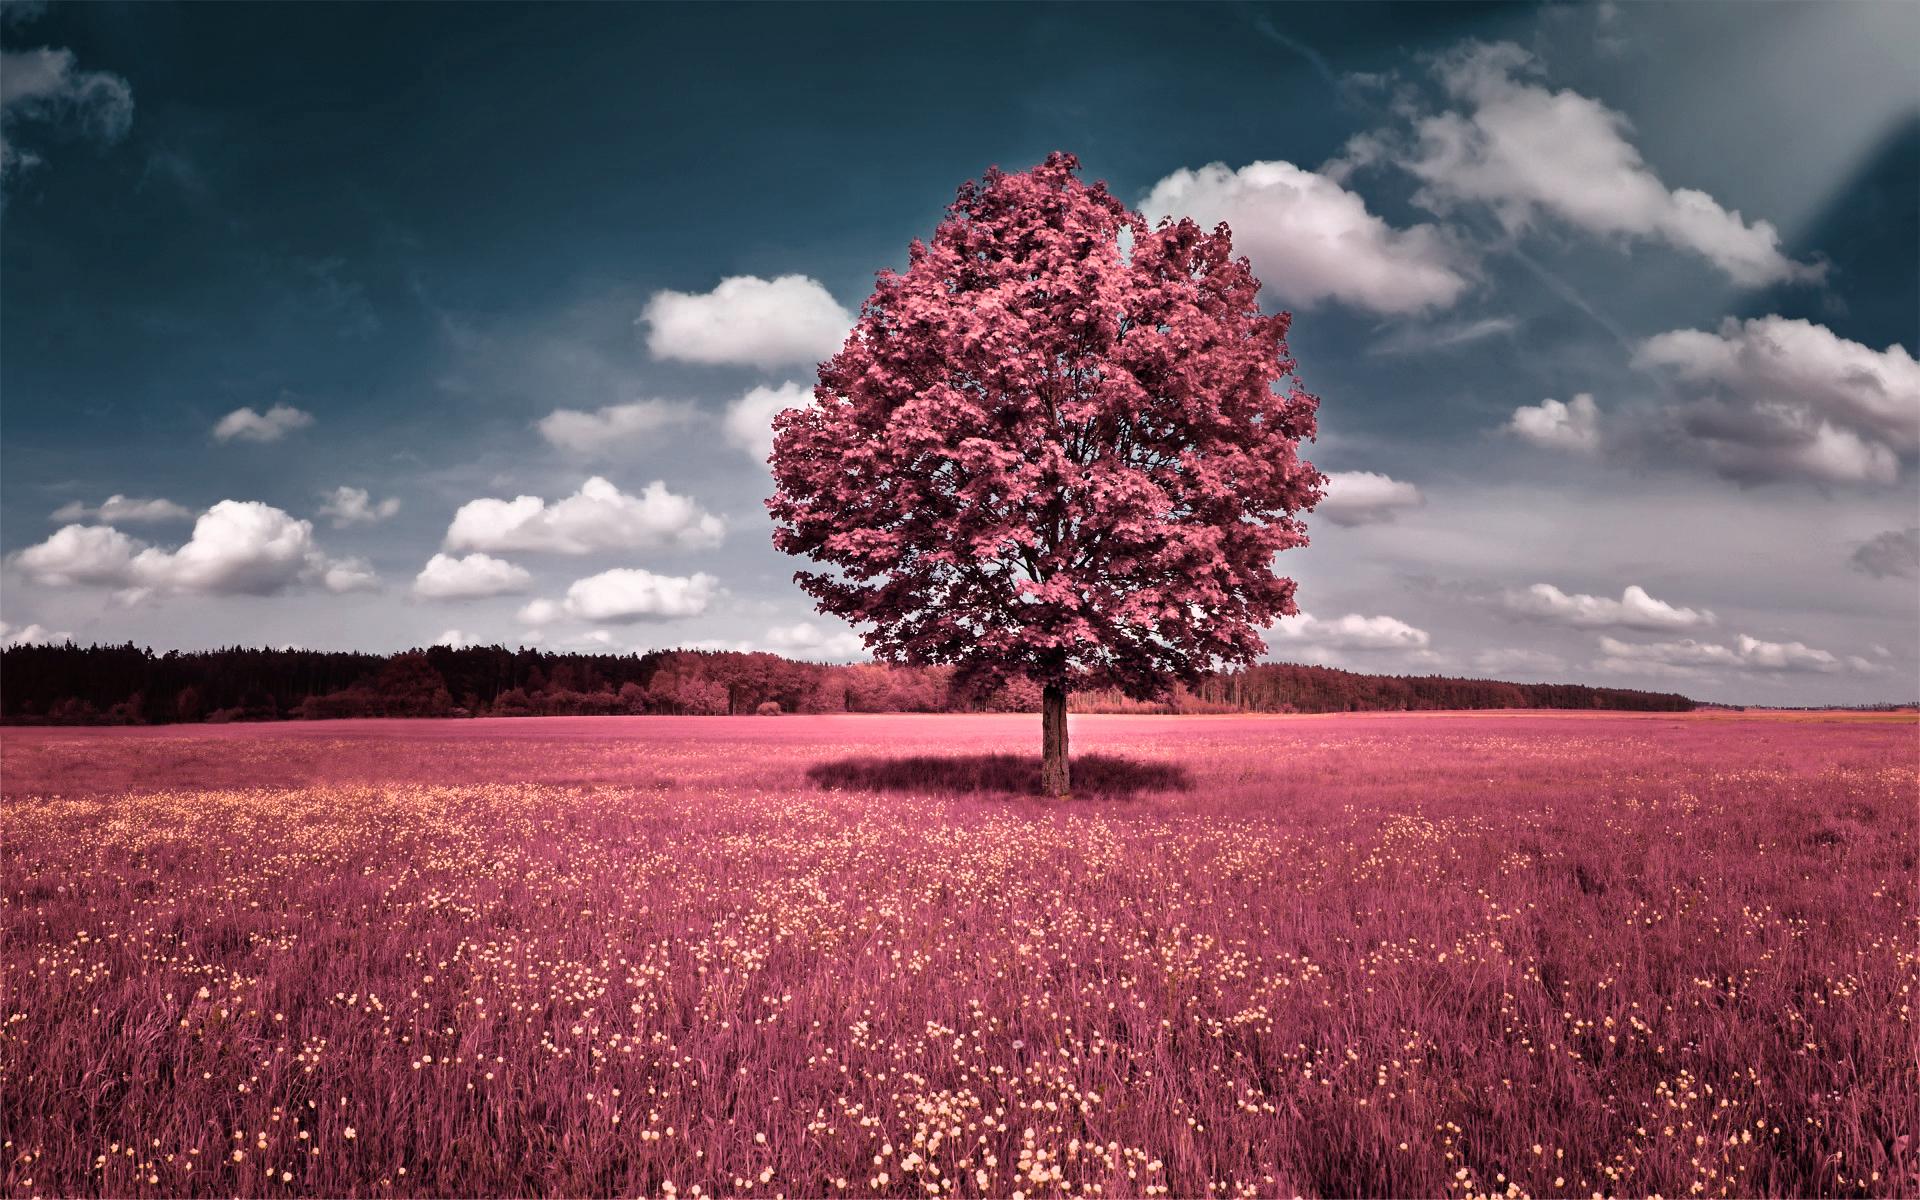 بالصور بحث عن المناظر الطبيعية , اجمل واحلى مناظر طبيعيه في العالم 11799 9